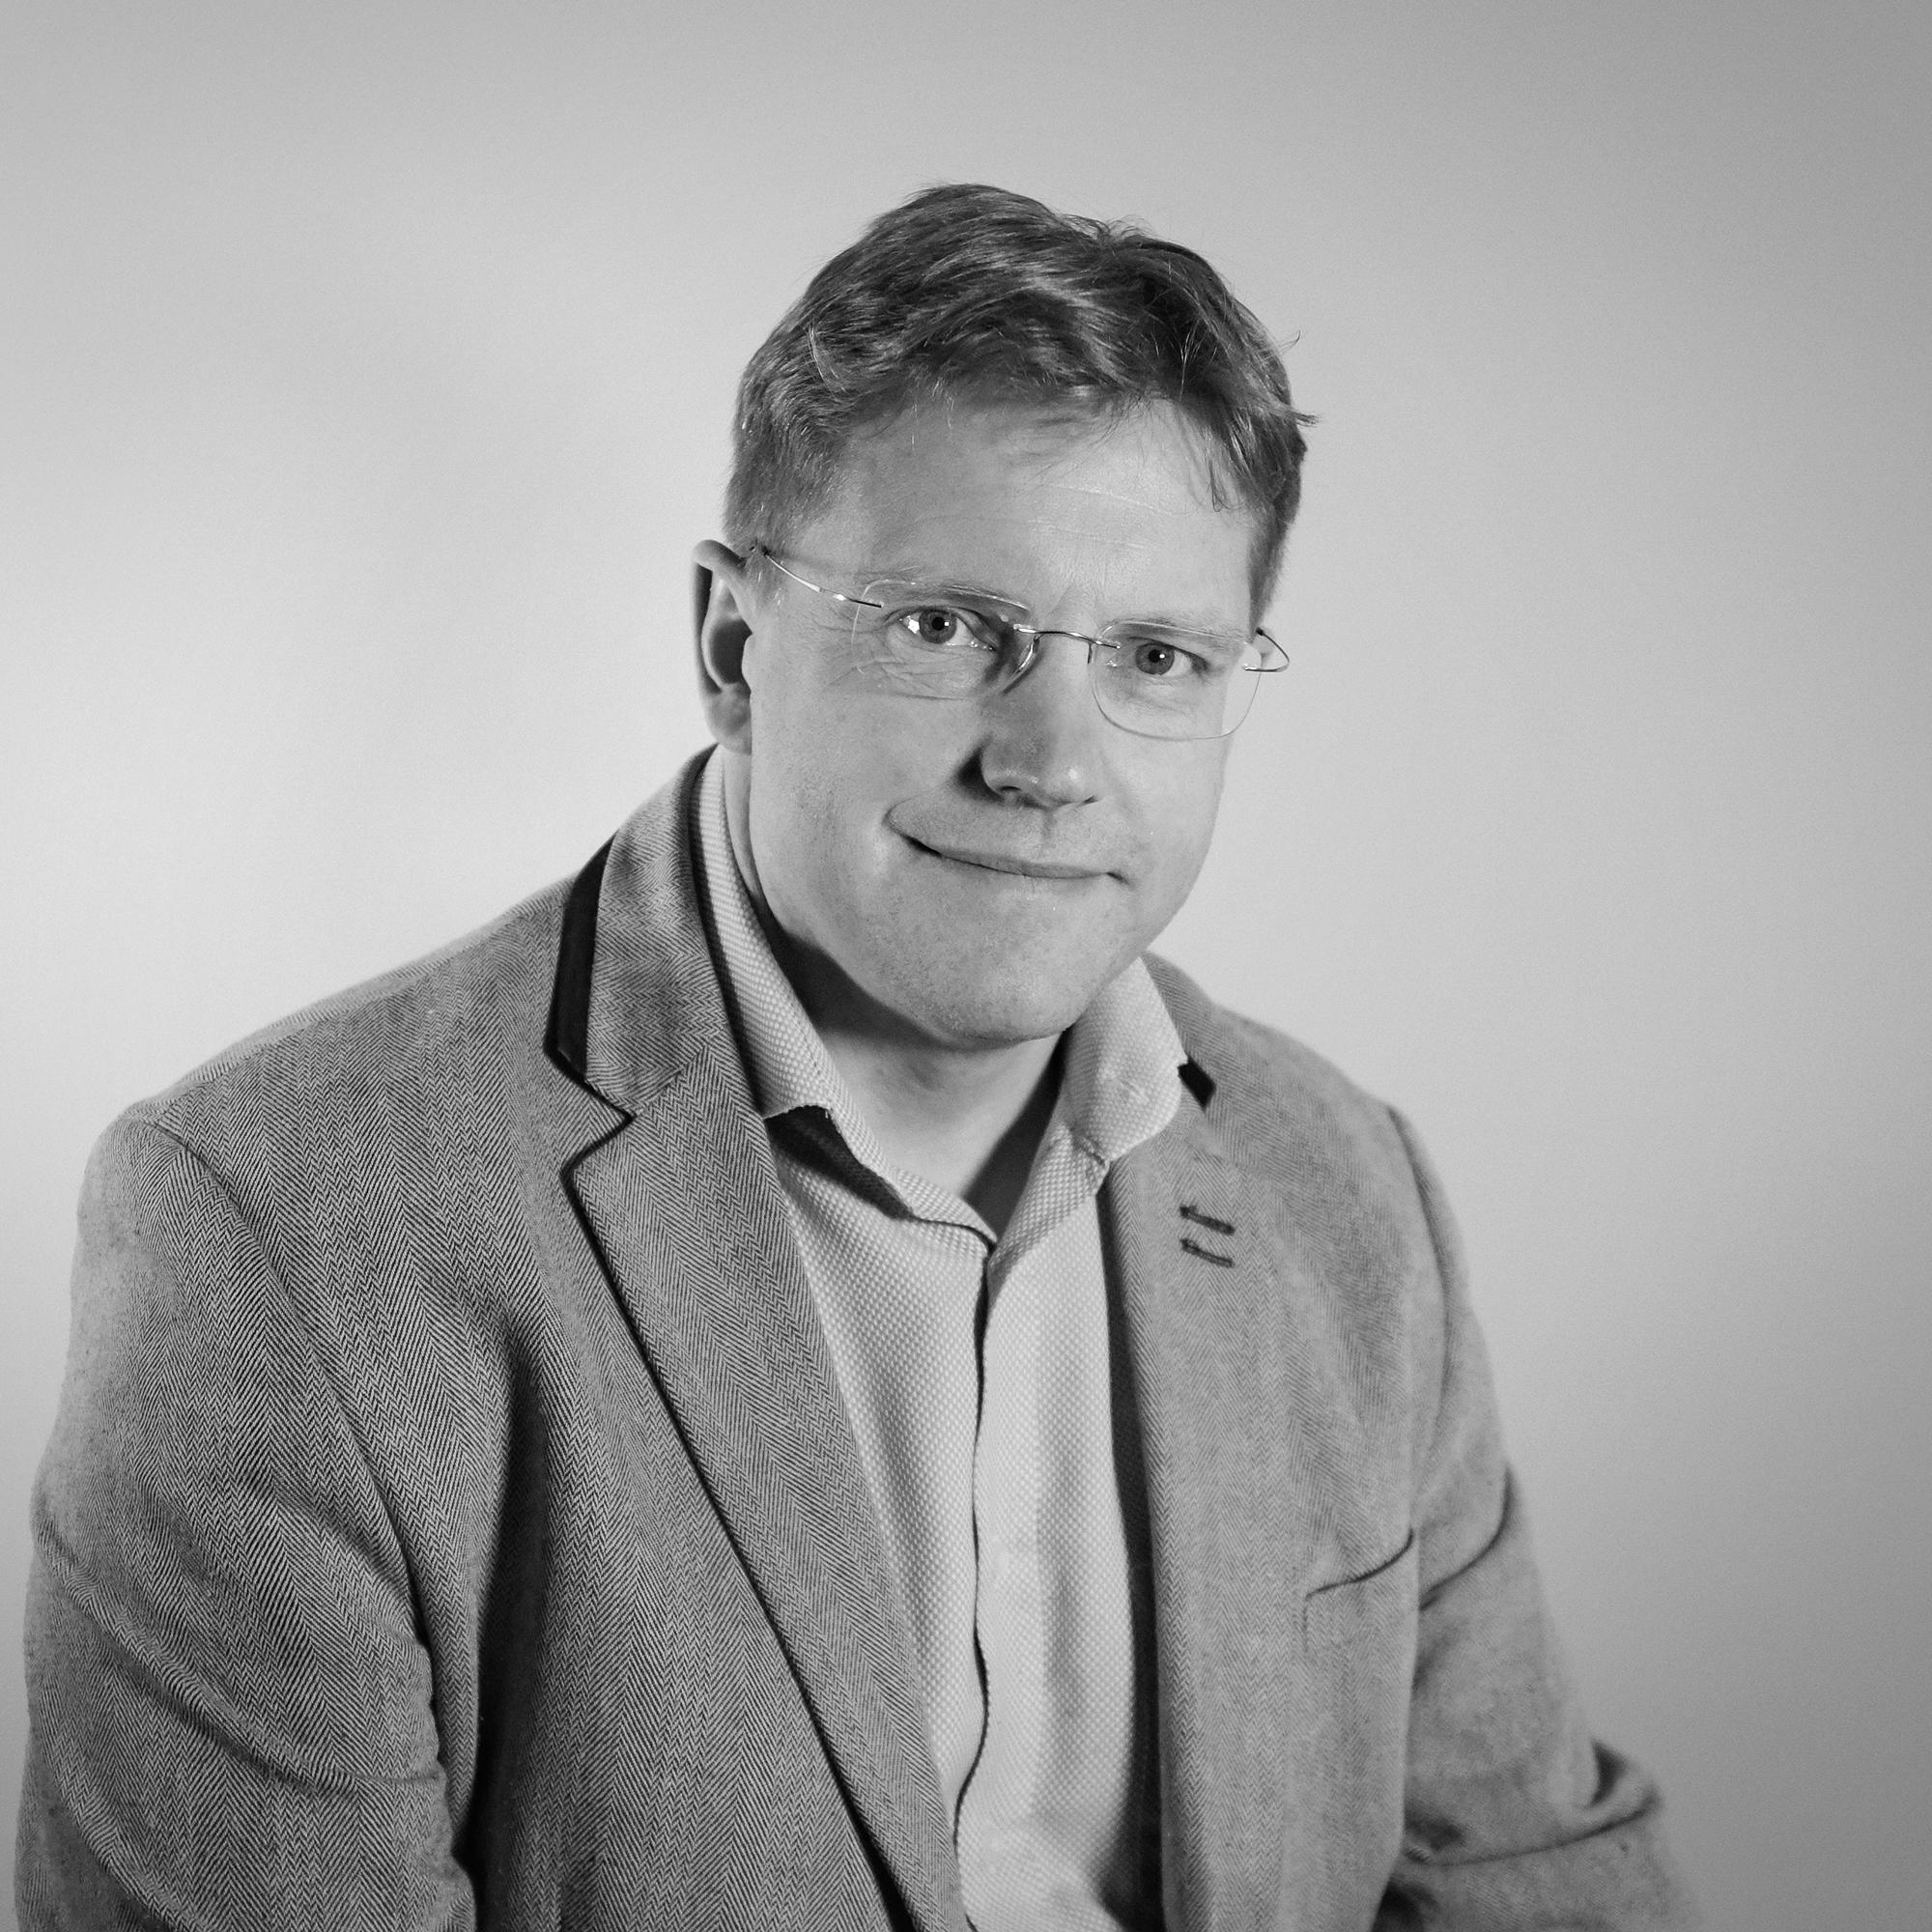 JOHAN HOGSANDER